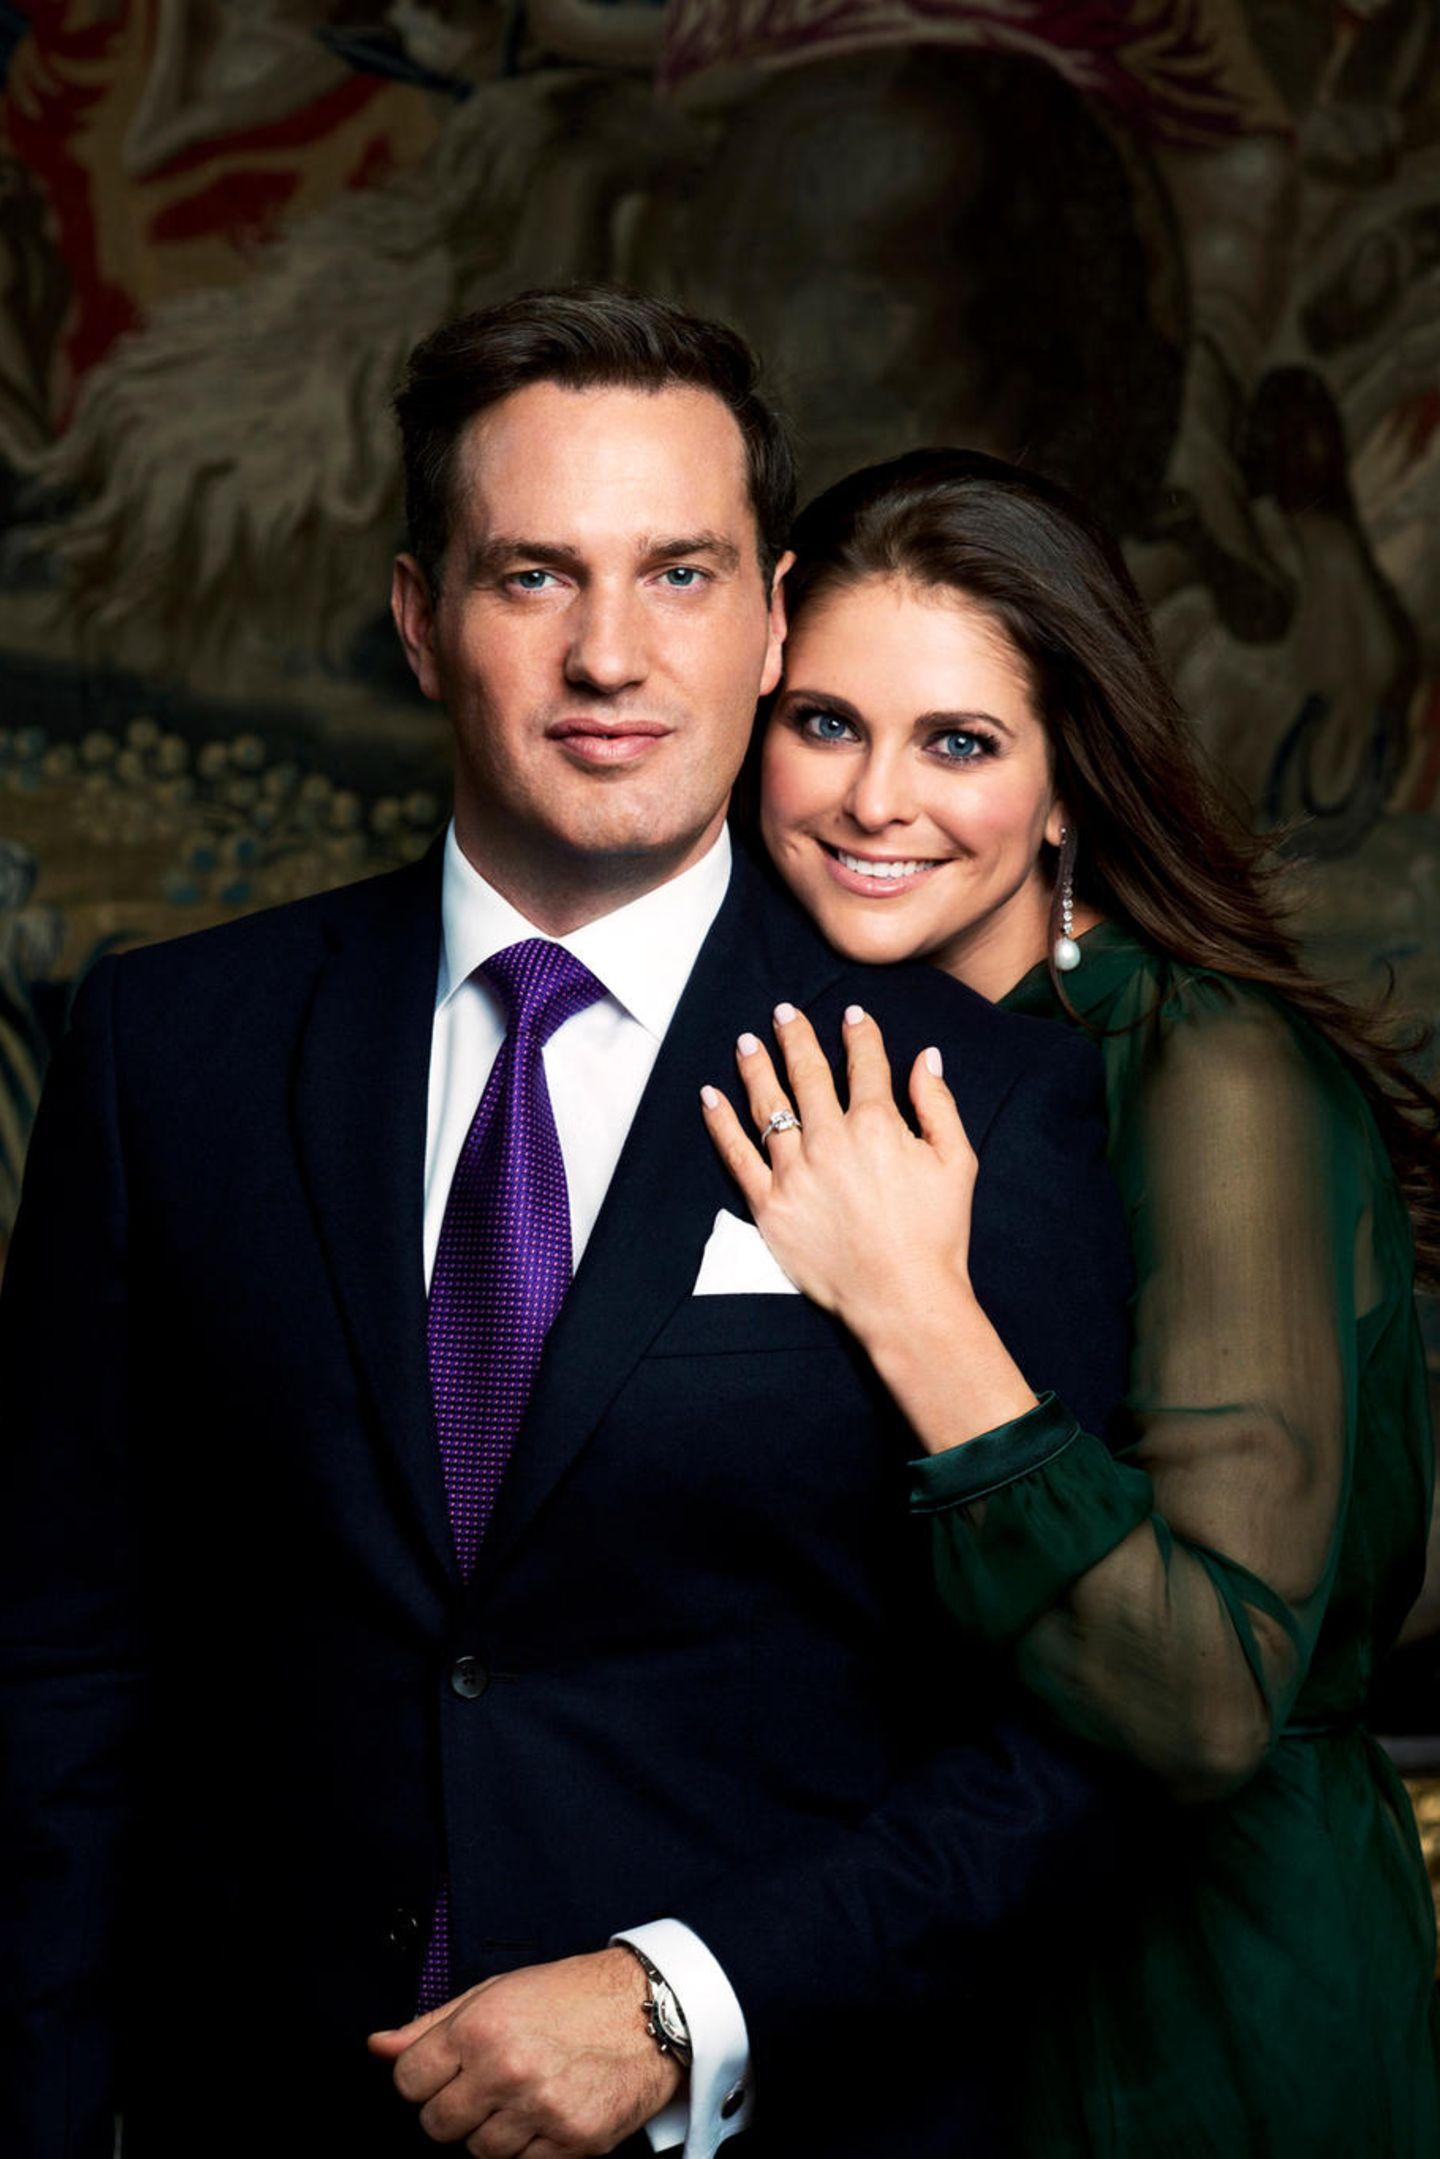 Im Oktober 2012 vermeldet das schwedische Königshaus zum zweiten Maldie Verlobung von Prinzessin Madeleine: Der Geschäftsmann Christopher O'Neill hat um ihre Hand angehalten. Ein funkelnder Ring schmückt seither die Hand der Schwedin.